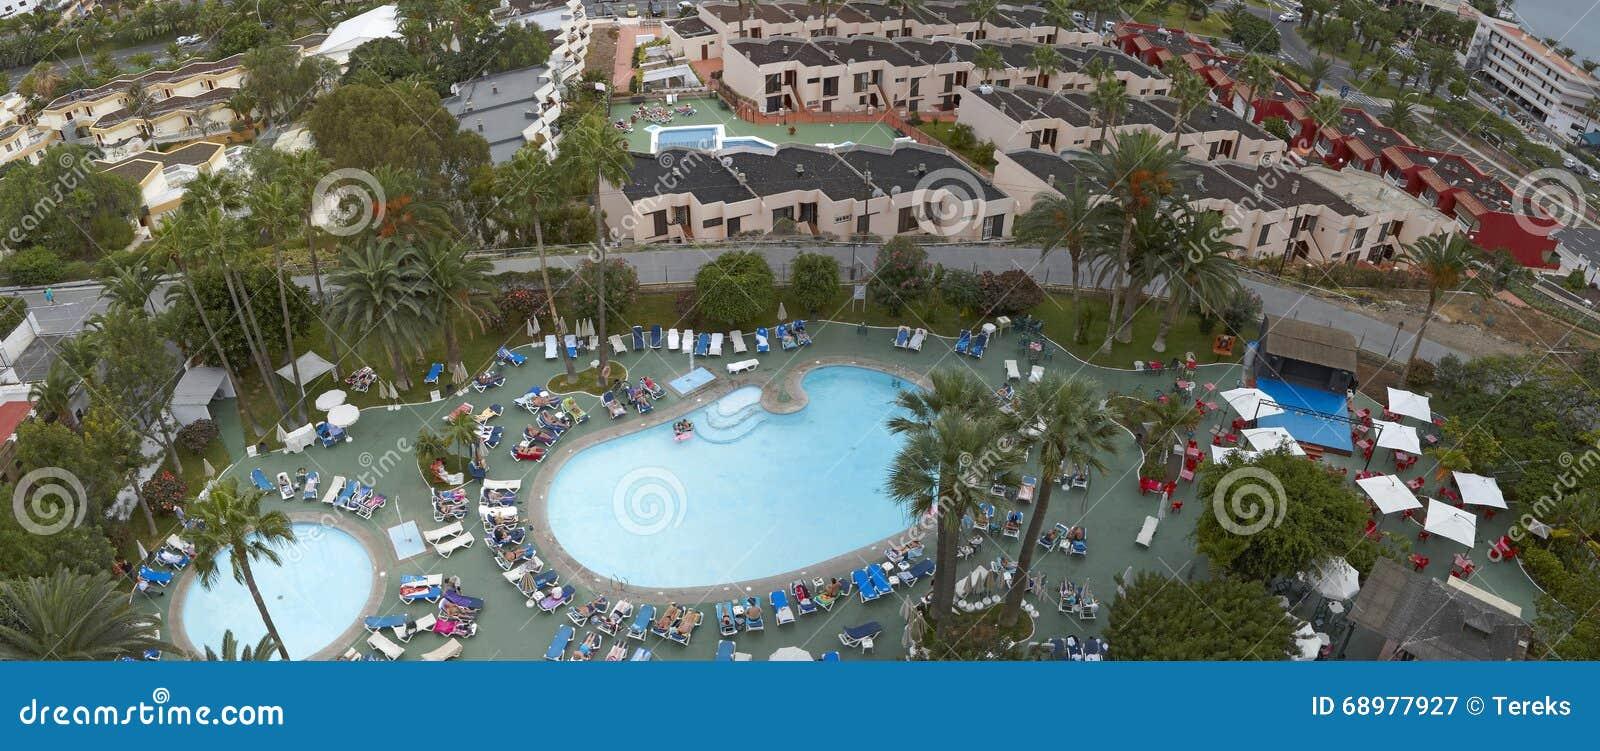 Panorama da piscina em um dos hotéis de Tenerife, Ilhas Canárias, Espanha